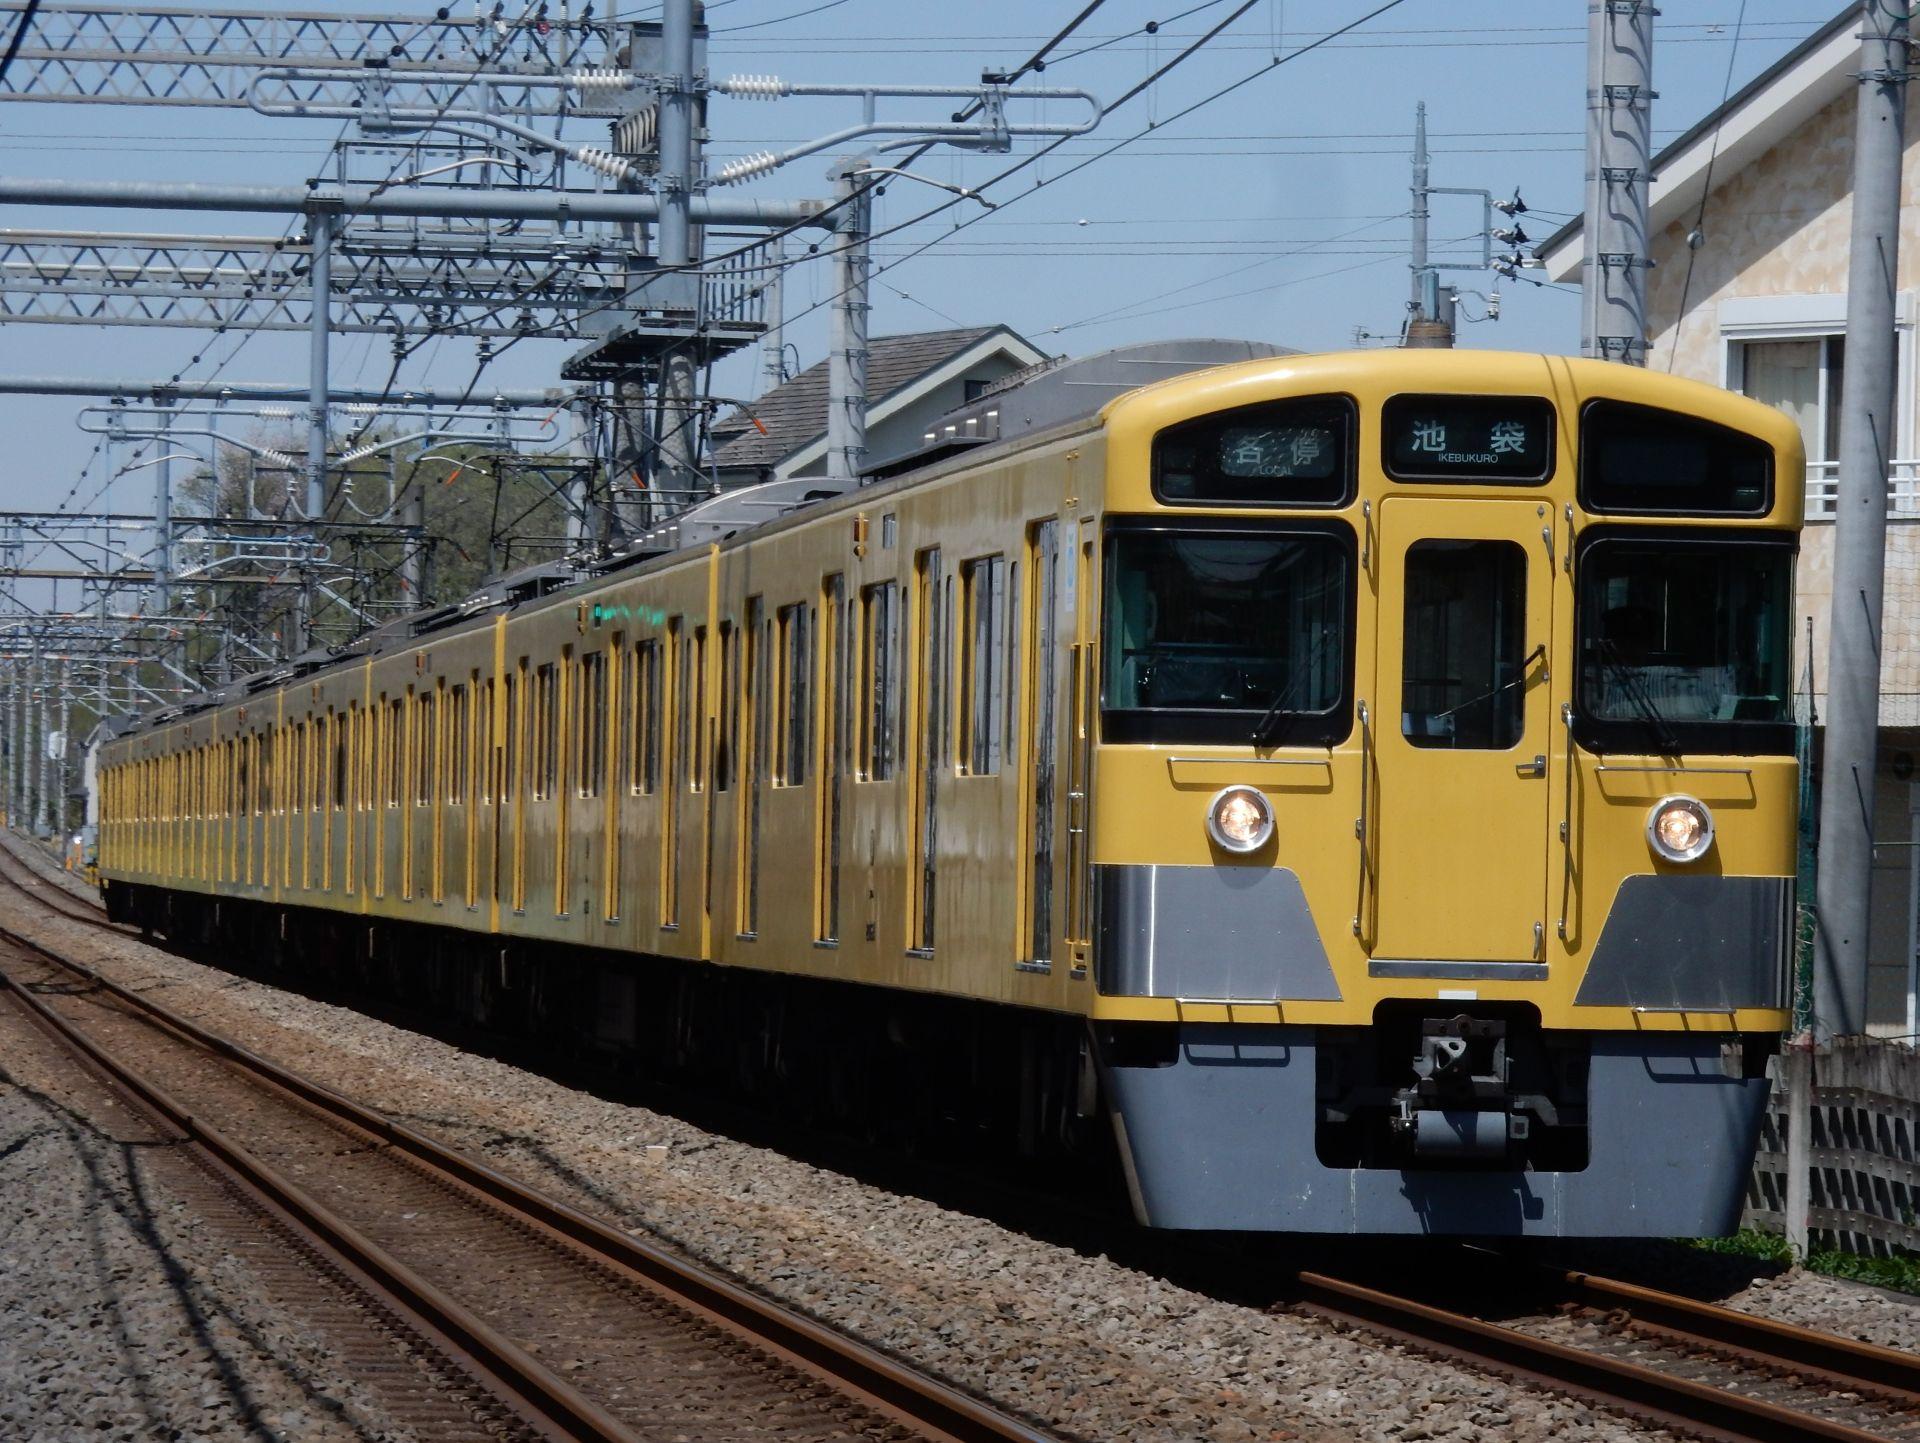 DSCN7350 - コピー